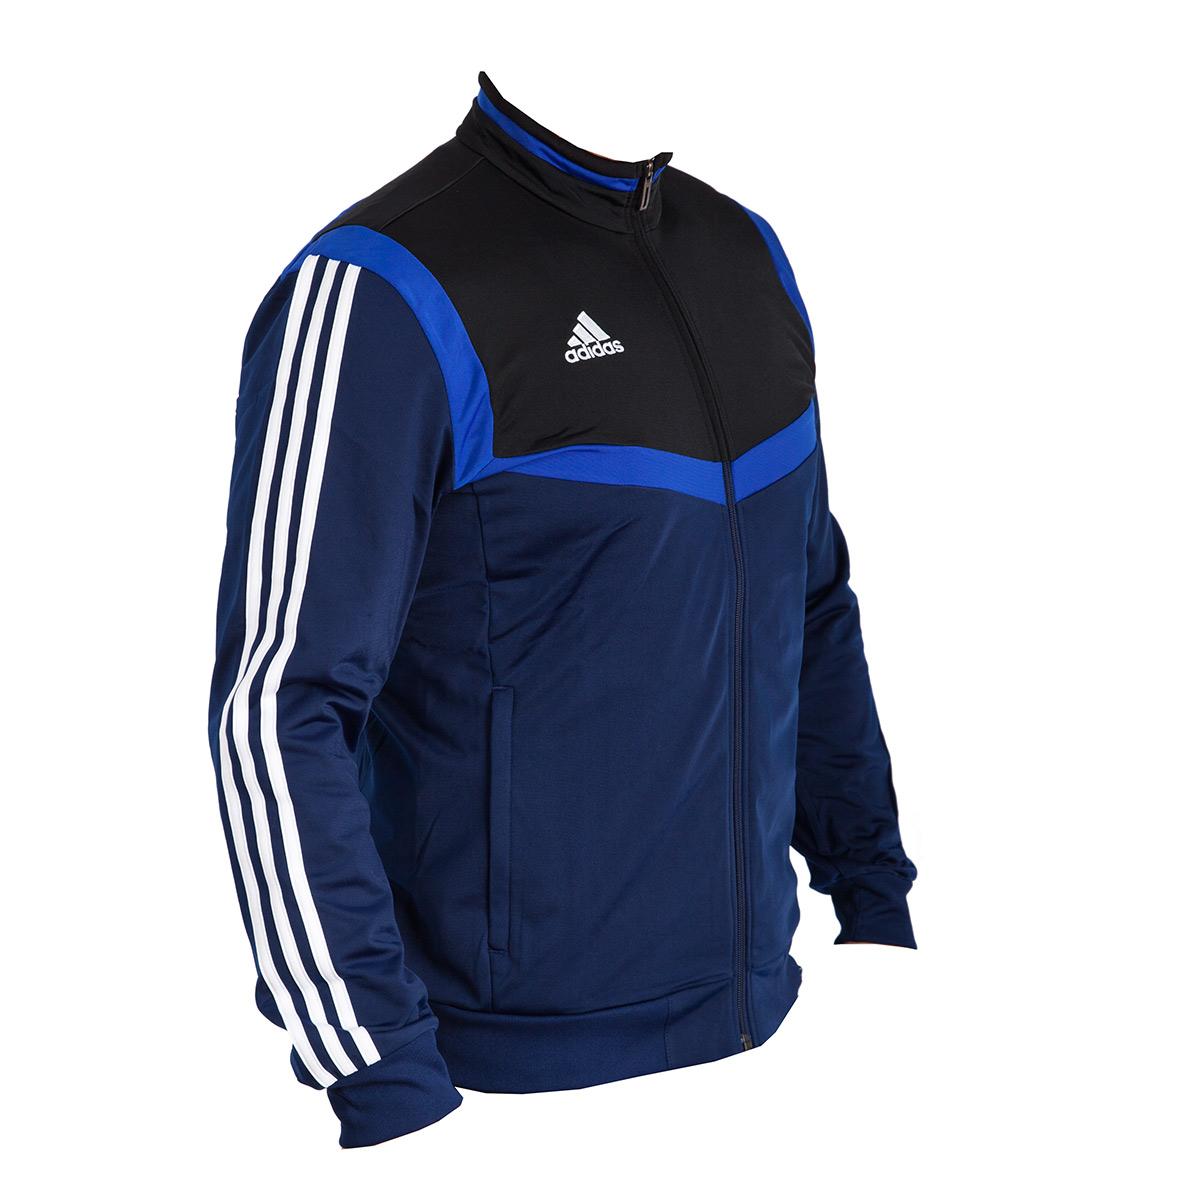 aa61ae47c38 Adidas Мъжки спортен екип TIRO 19 POLY SUIT - DT5785+DT5174, Мъже ...